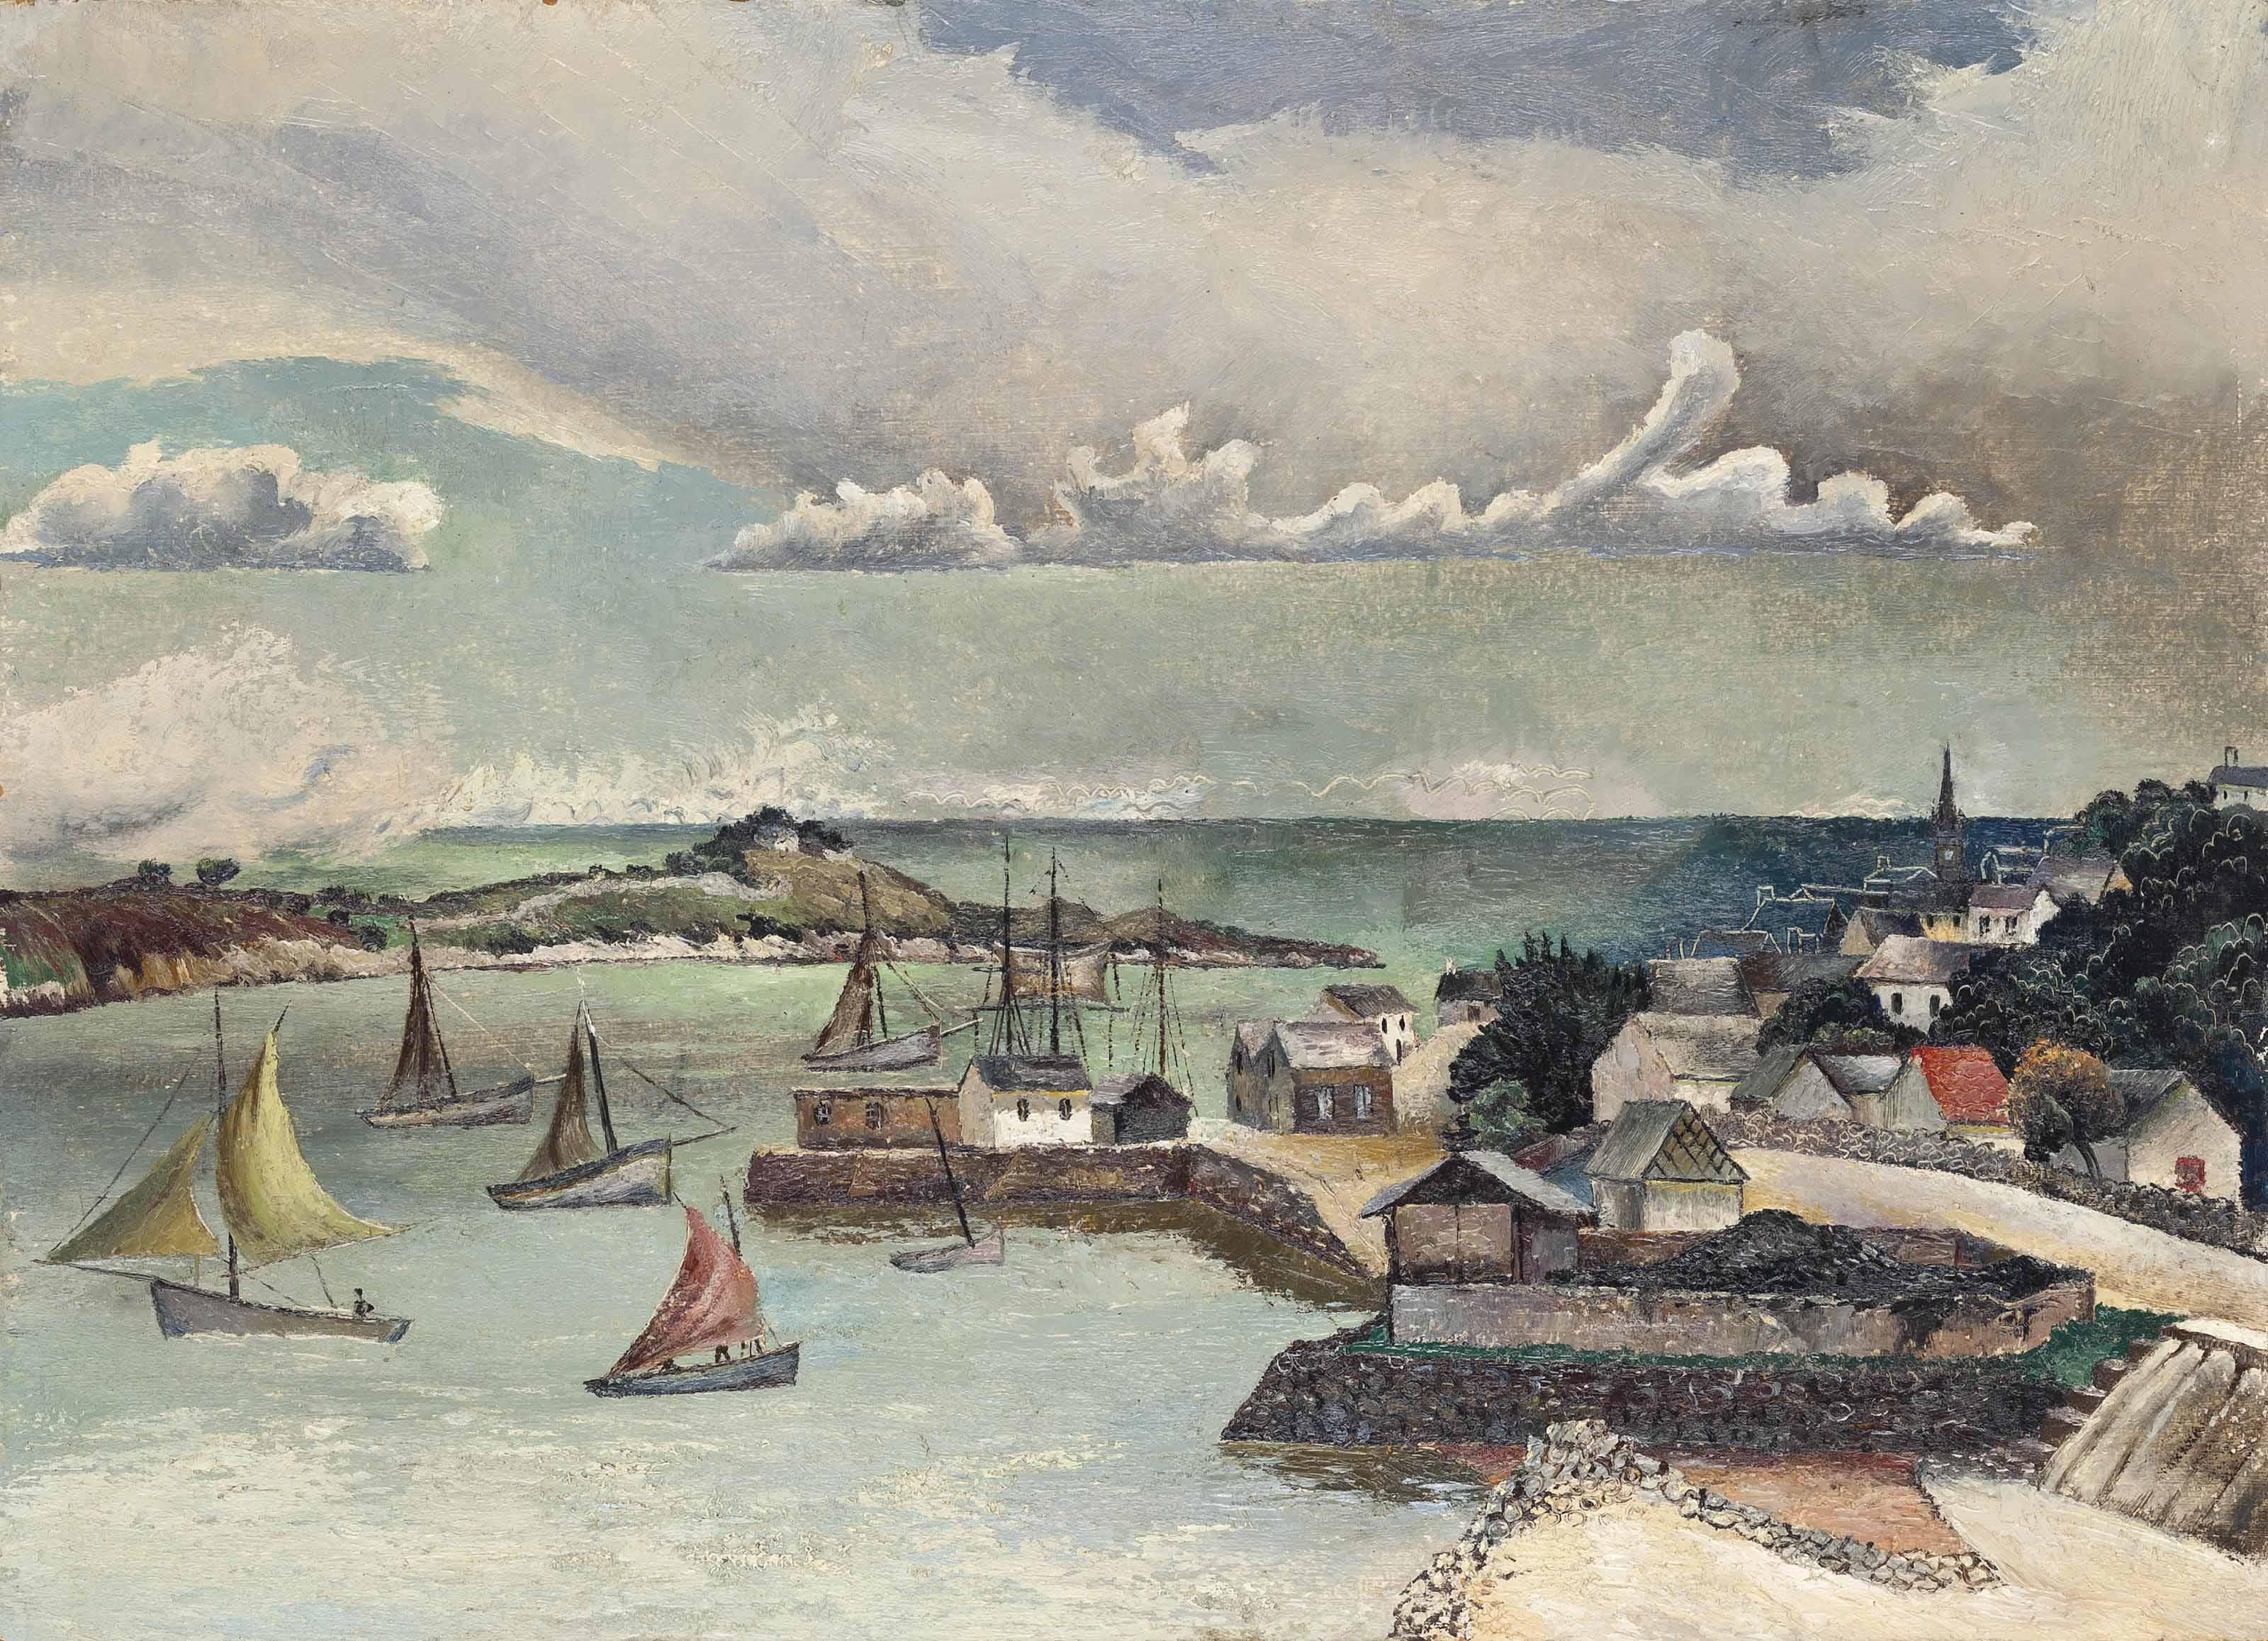 La Trinité-sur-Mer, Brittany